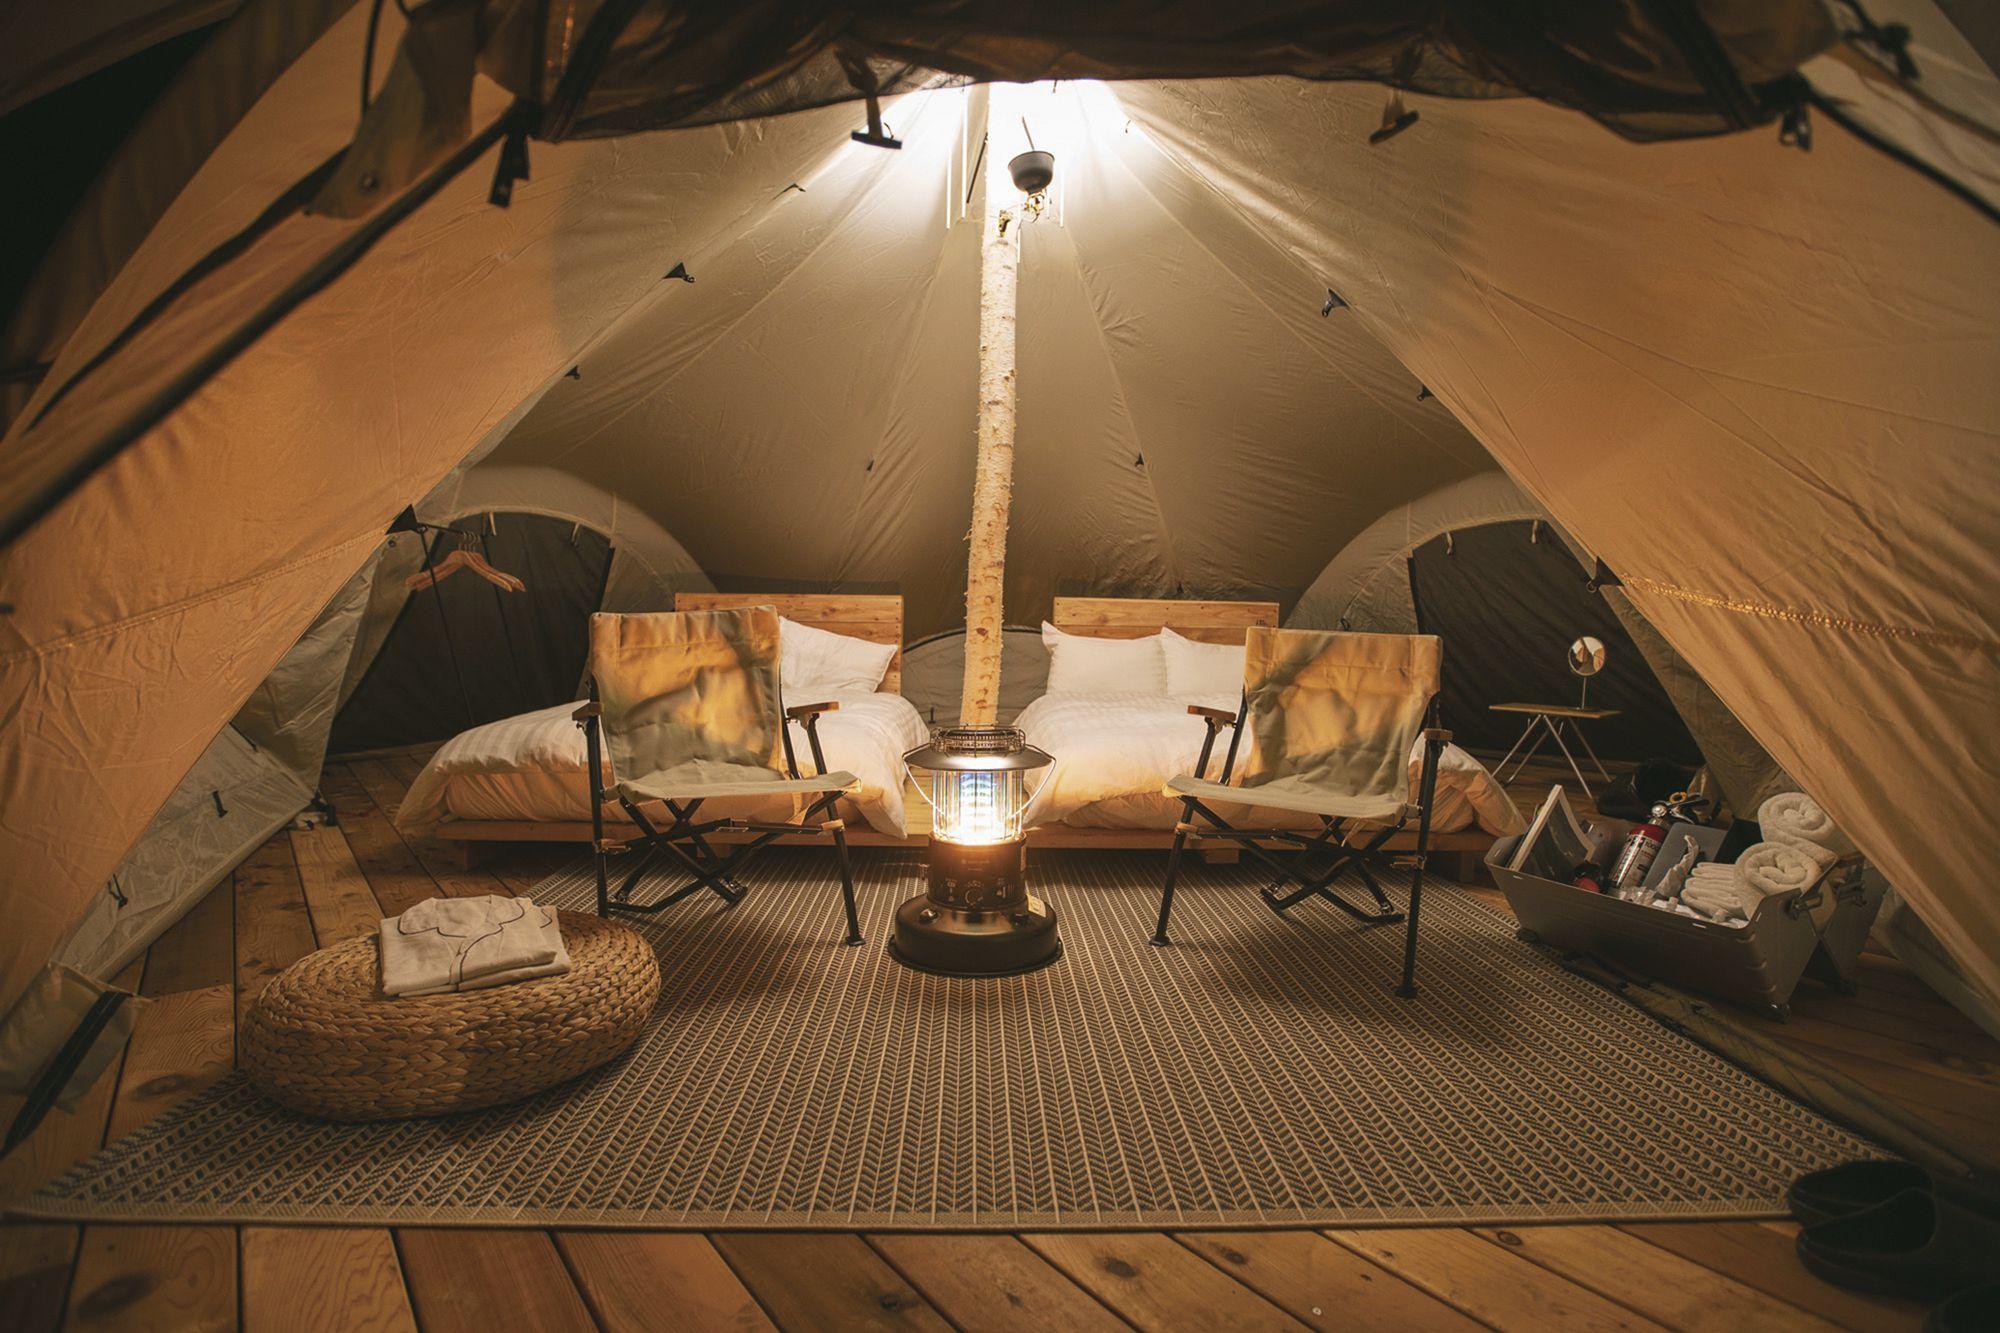 ダブルサイズベッド2台が設置された特別仕様のテント内。ランプの灯りが優しく照らす。